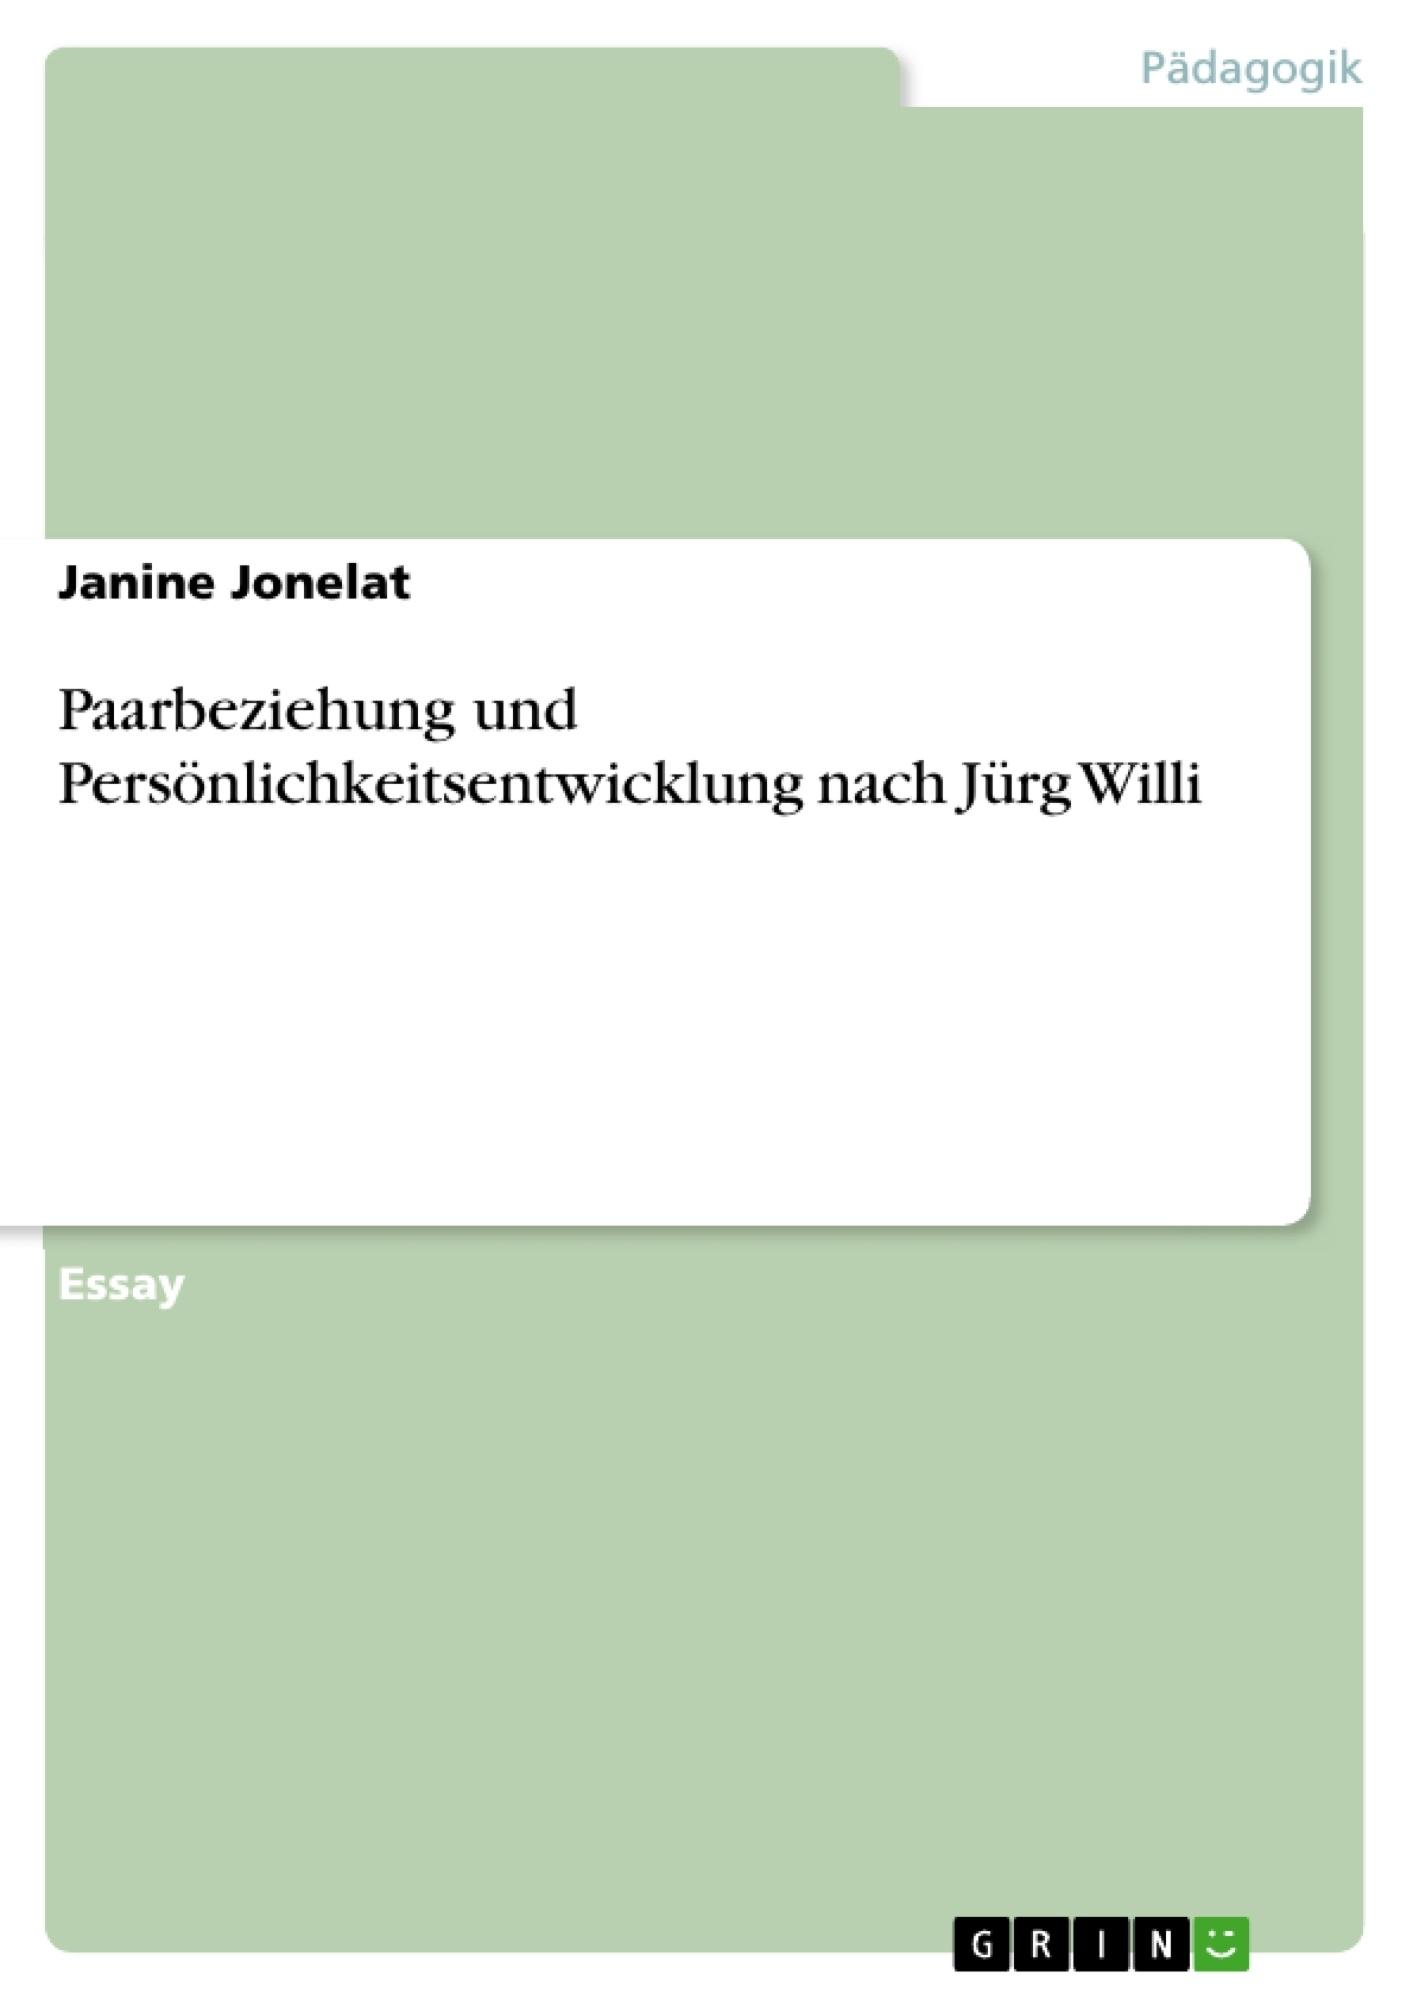 Titel: Paarbeziehung und Persönlichkeitsentwicklung nach Jürg Willi